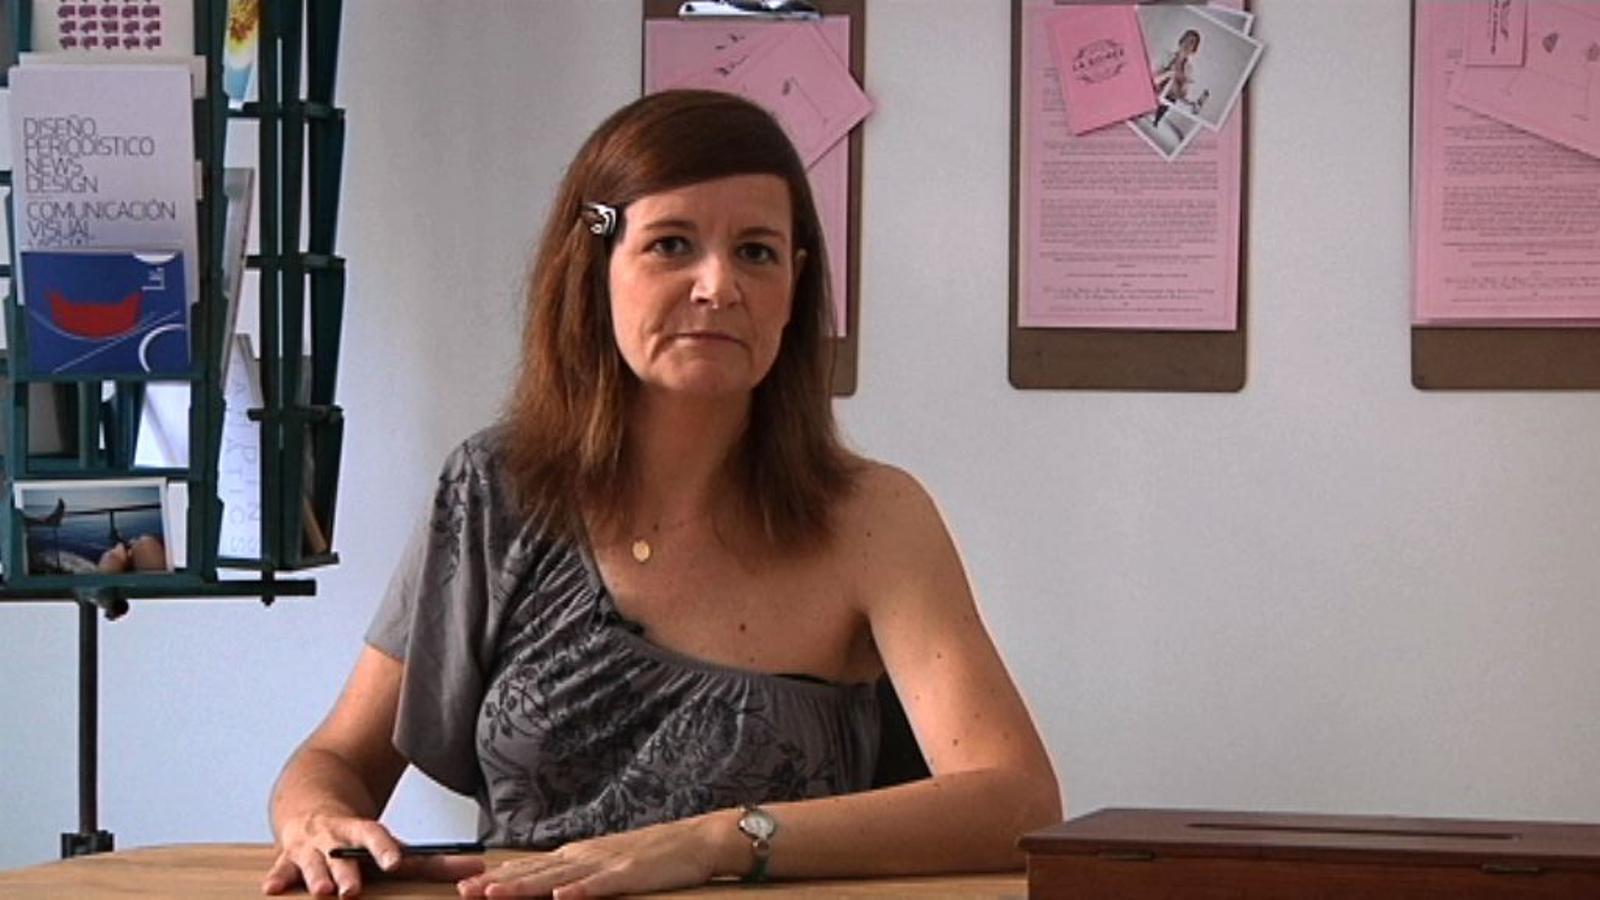 ARA Emprèn: Patricia Ballesté, una dissenyadora gràfica que converteix el seu estudi en galeria